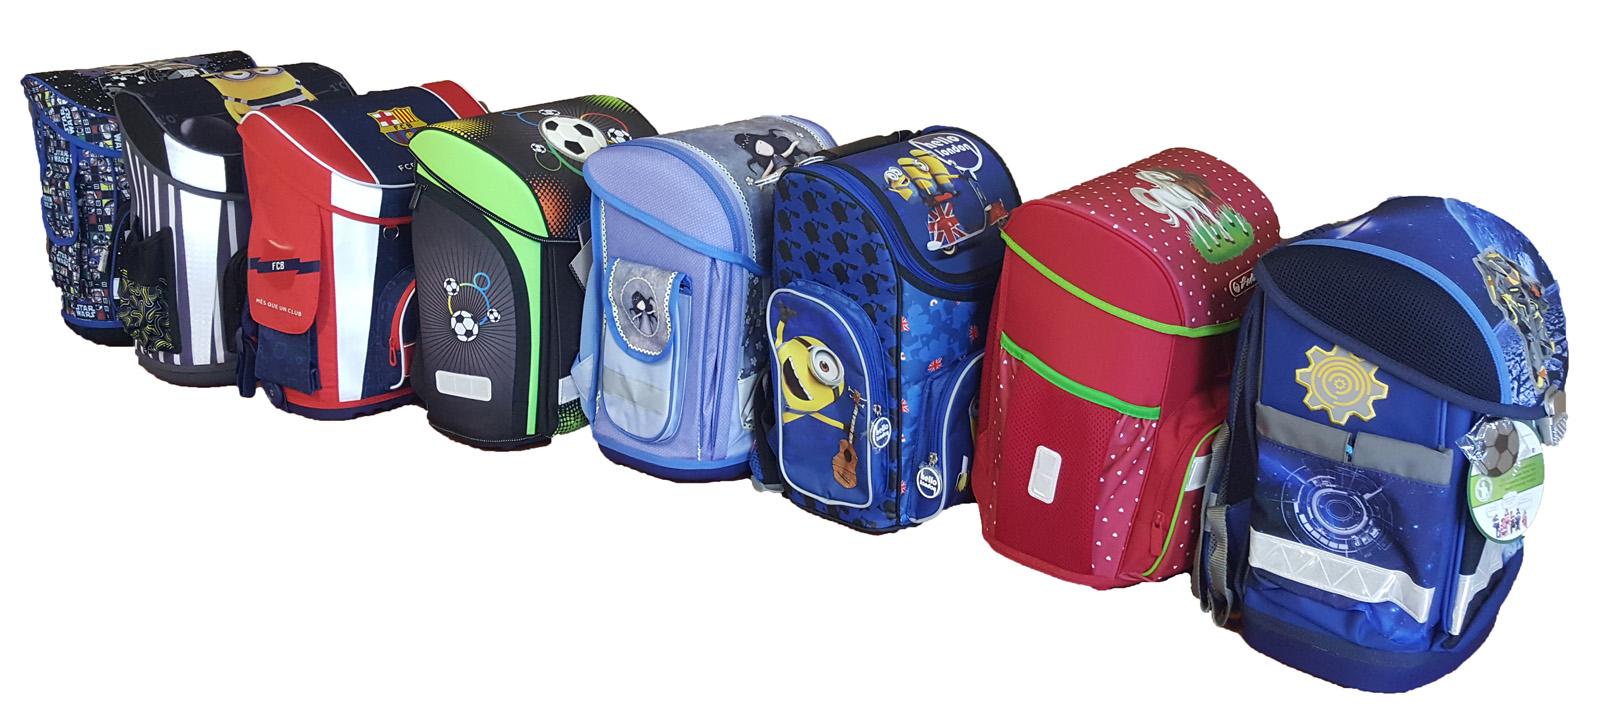 3a75248e856b Gyakori probléma, hogy fénykép és leírás alapján nehéz elképzelni, hogy  valójában mekkorák a táskák, elég nagy lesz-e, belefér-e minden iskolaszer.